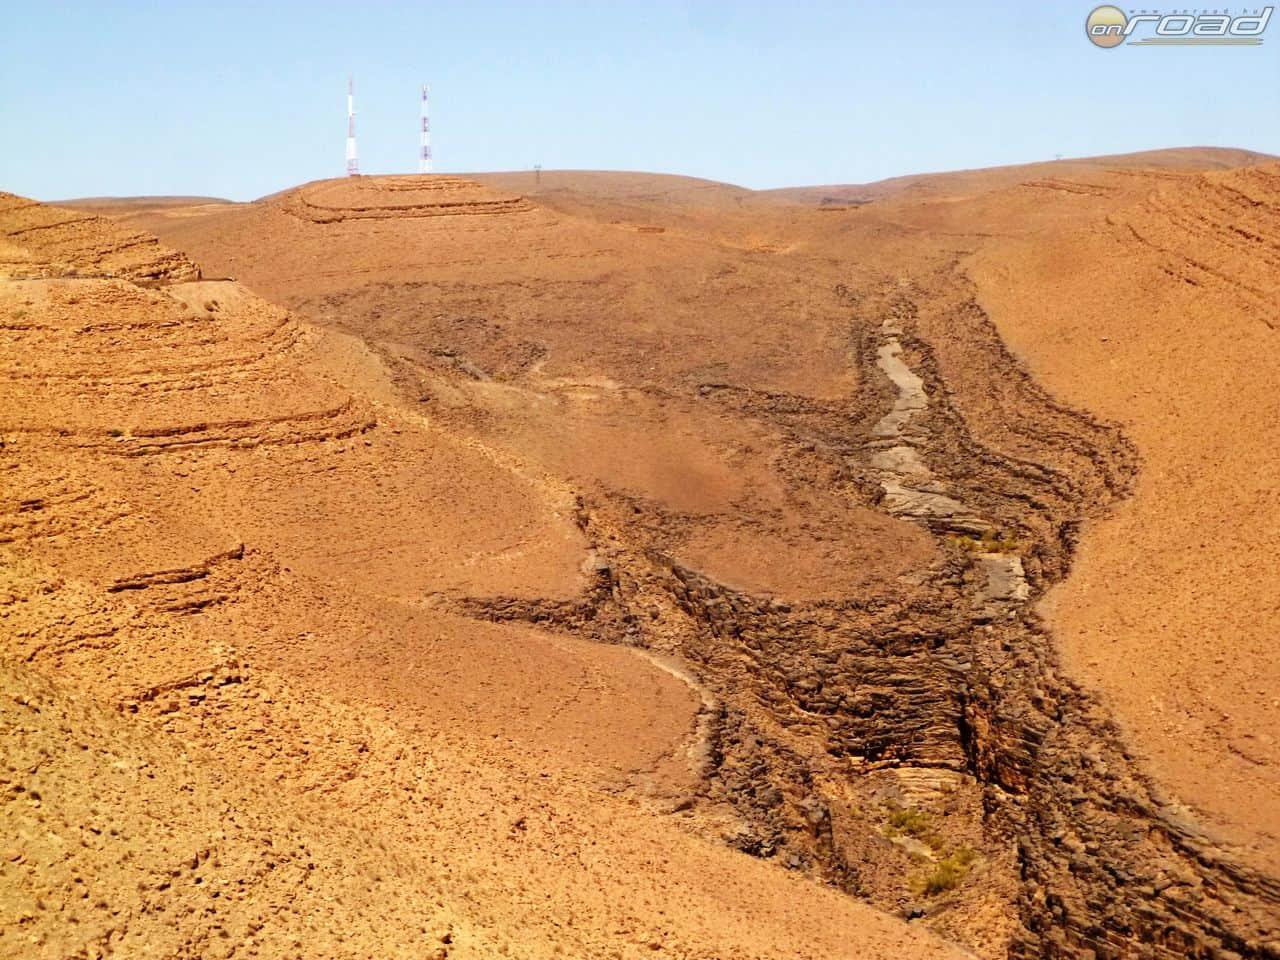 Itt gyűlik össze az a vízmennyiség tavasszal, ami tízezreket éltet végig a Draa mentén